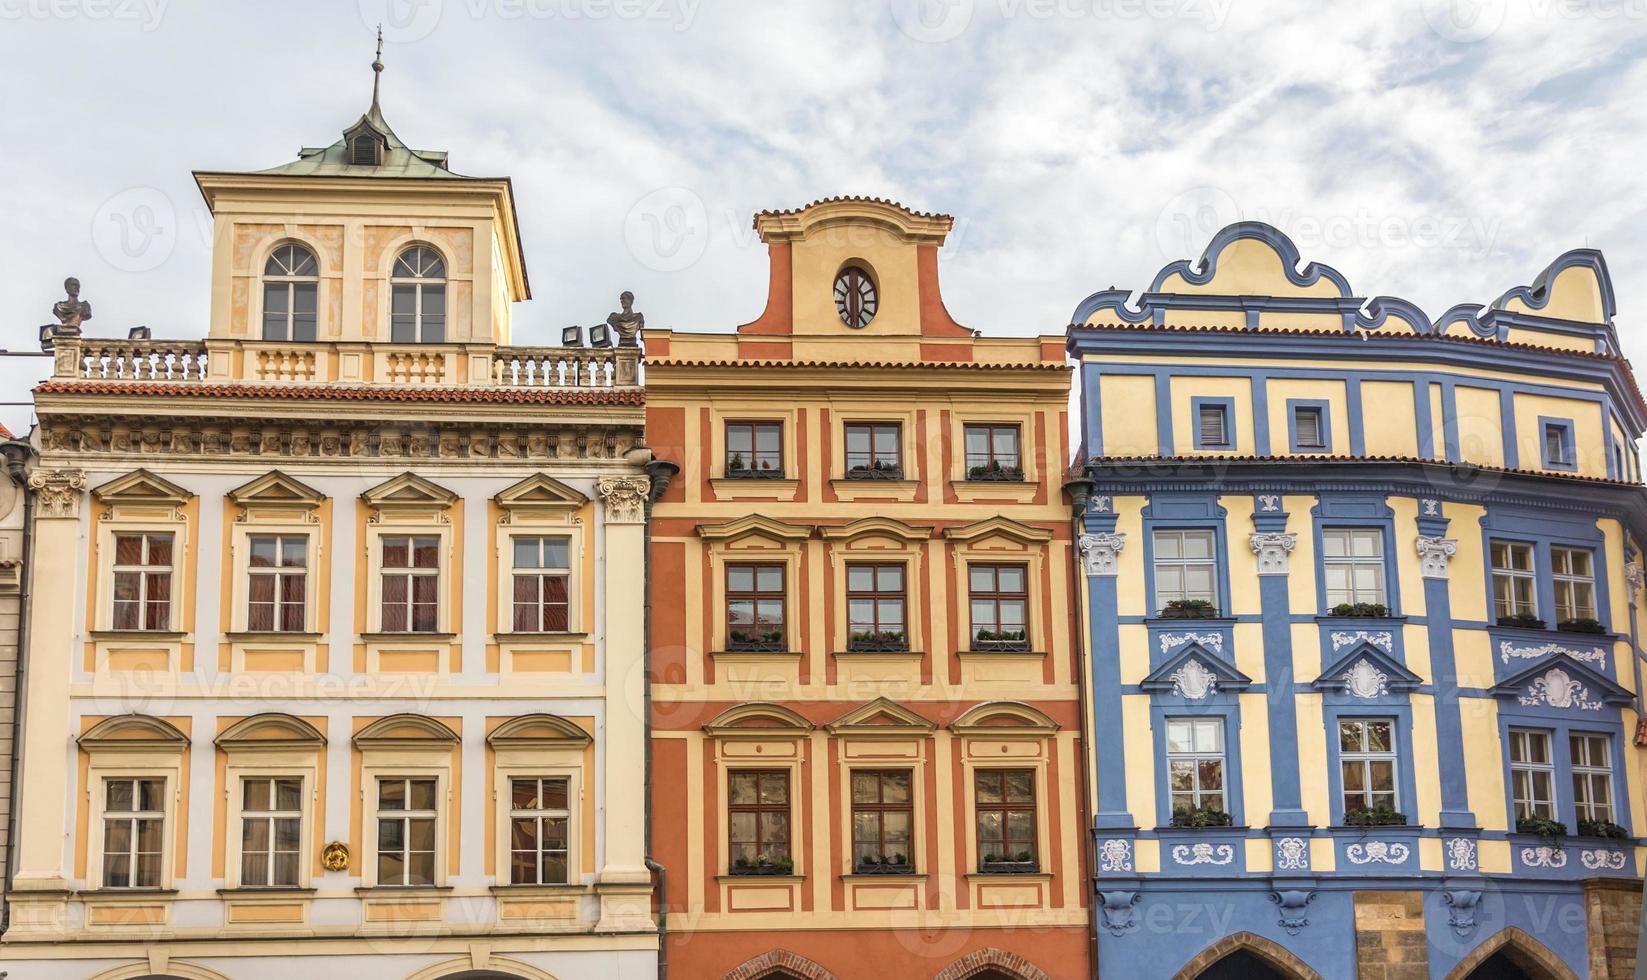 Fassade des historischen Gebäudes in Prag foto